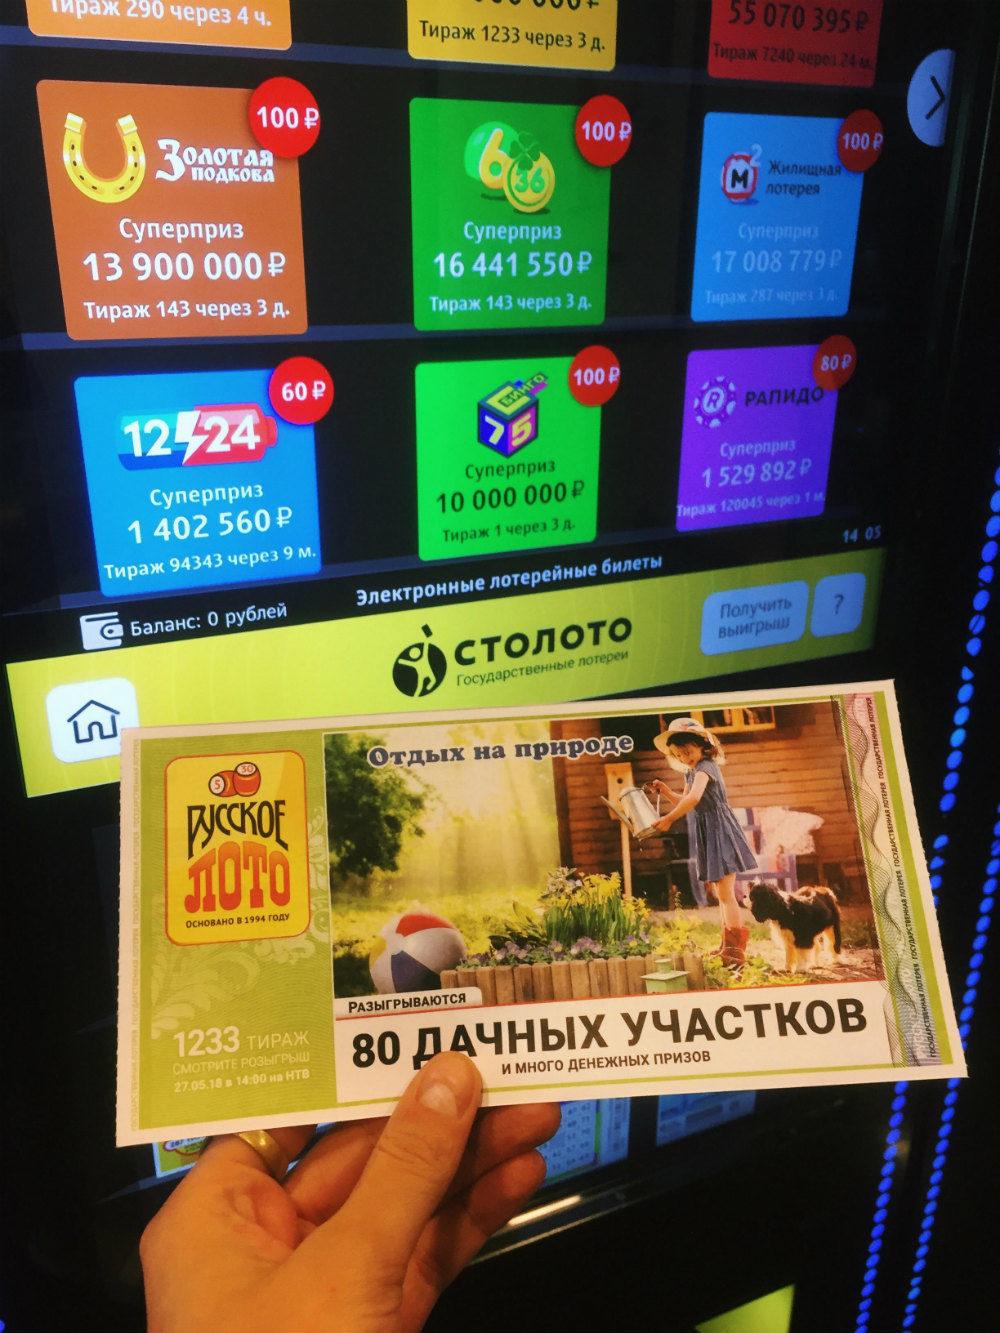 Лотерейные автоматы Столото